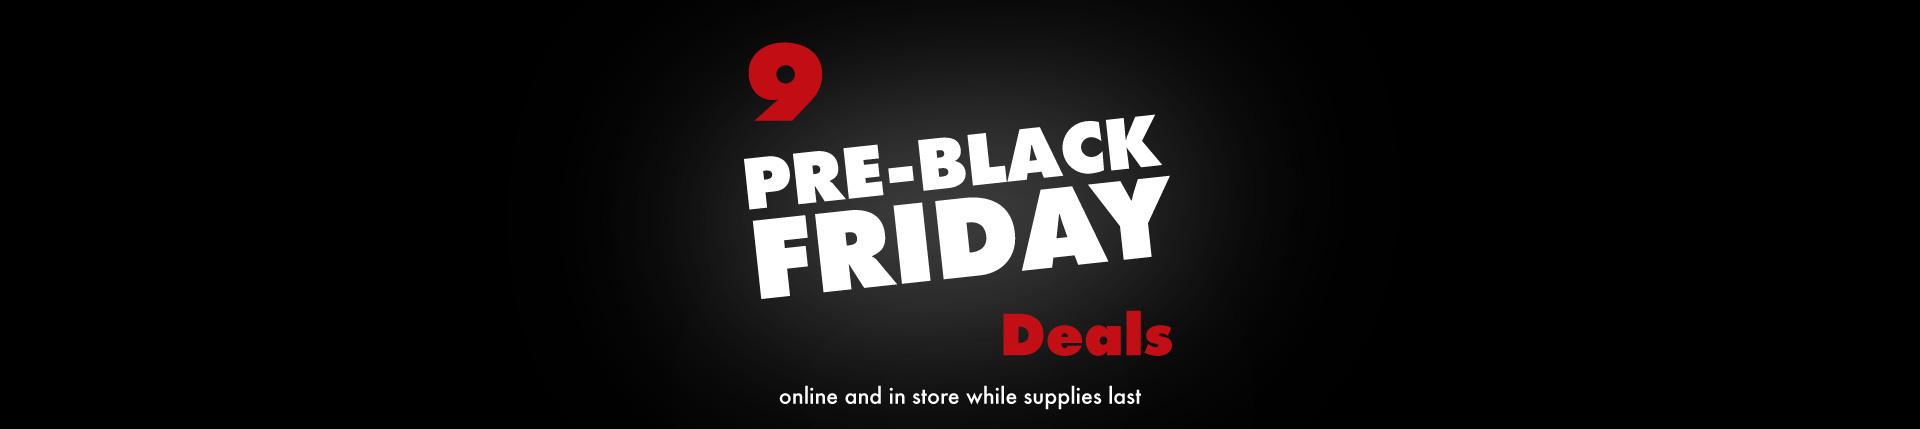 10-Pre-Black-Friday-Deals